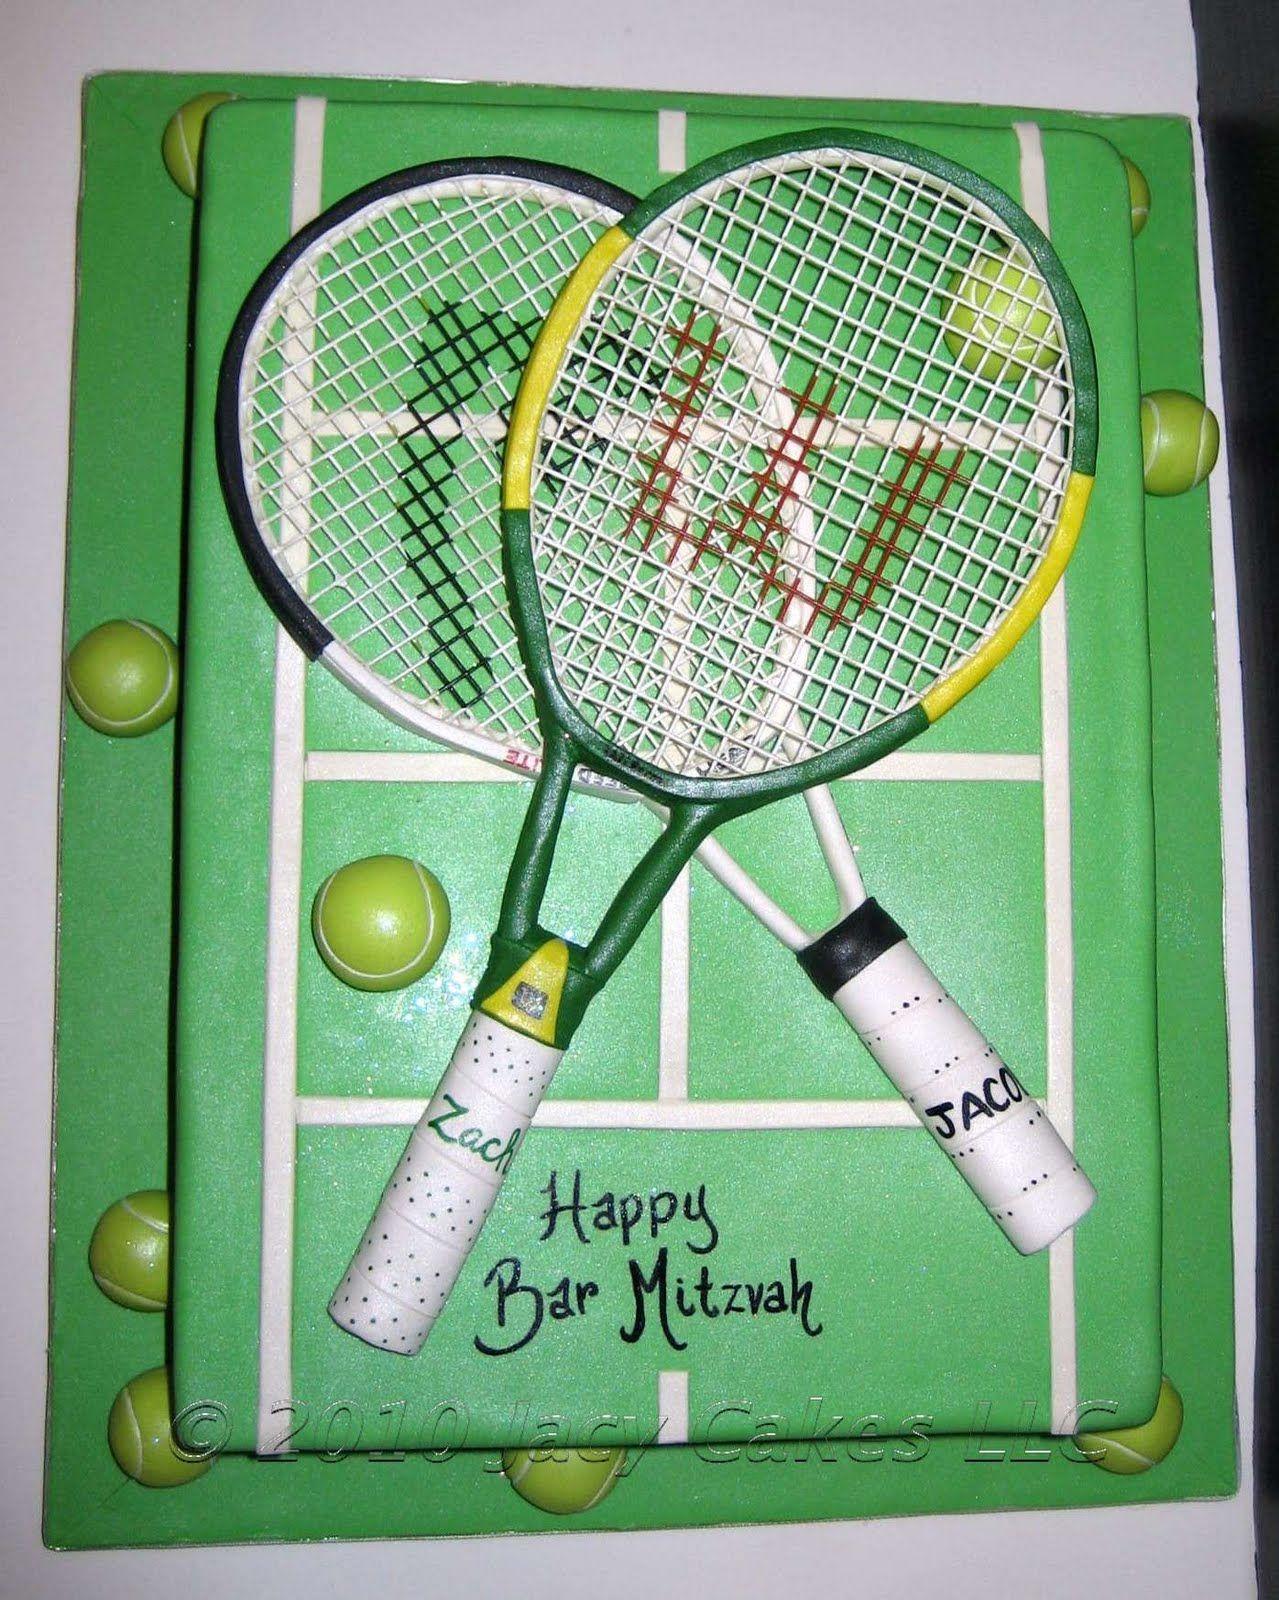 поздравление с днем рождения тенниса небольшое животное